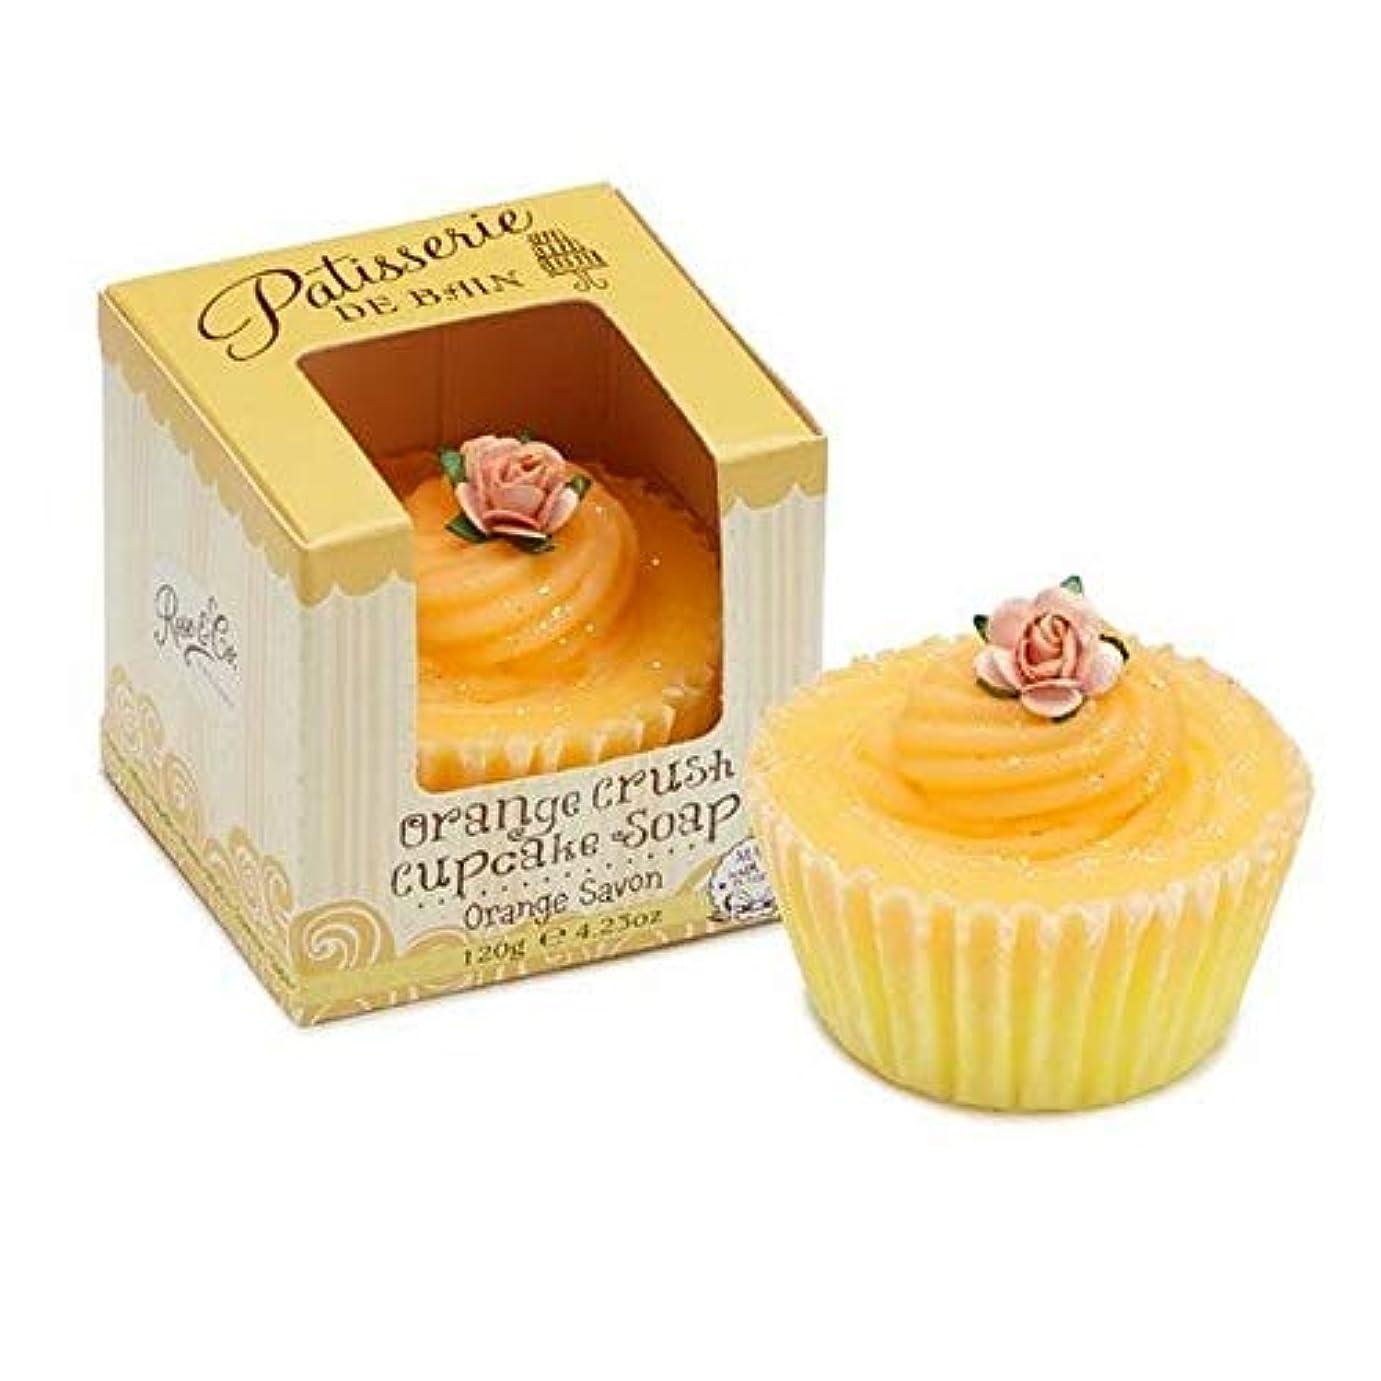 保護する用心深い誇りに思う[Patisserie de Bain ] パティスリー?ド?ベインオレンジクラッシュカップケーキソープ120グラム - Patisserie de Bain Orange Crush Cupcake soap 120g [並行輸入品]